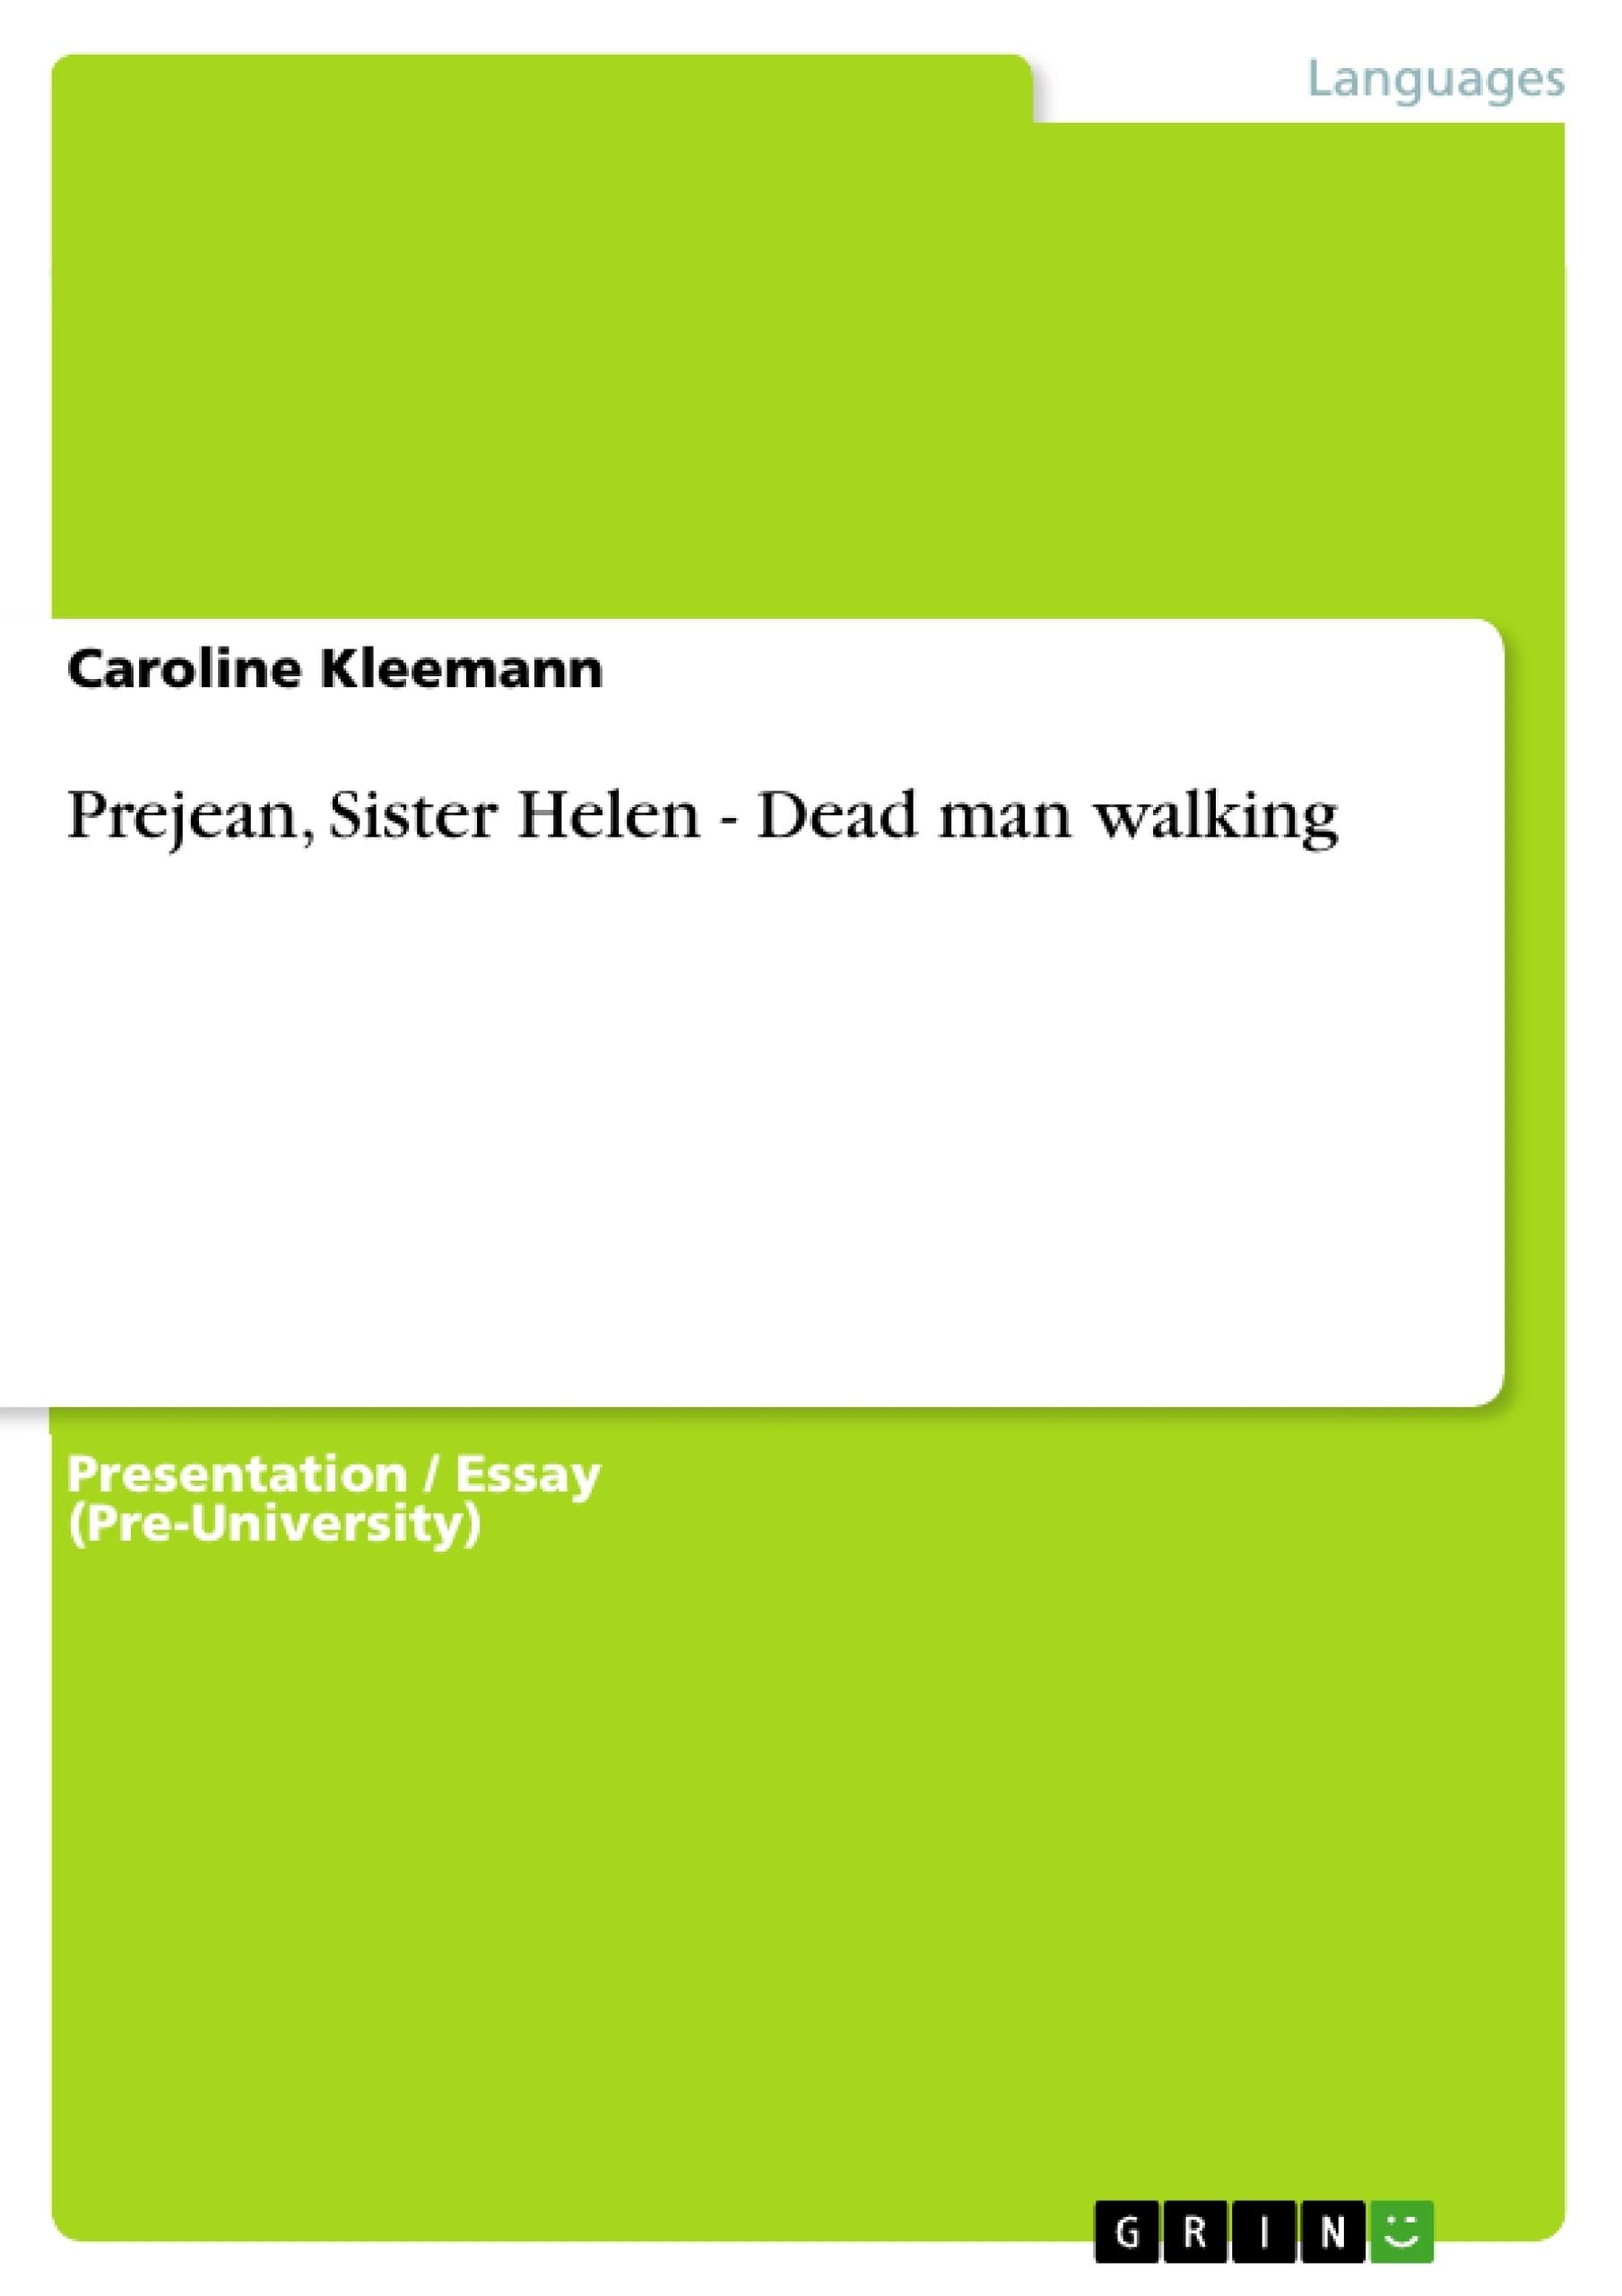 Dead man walking essay